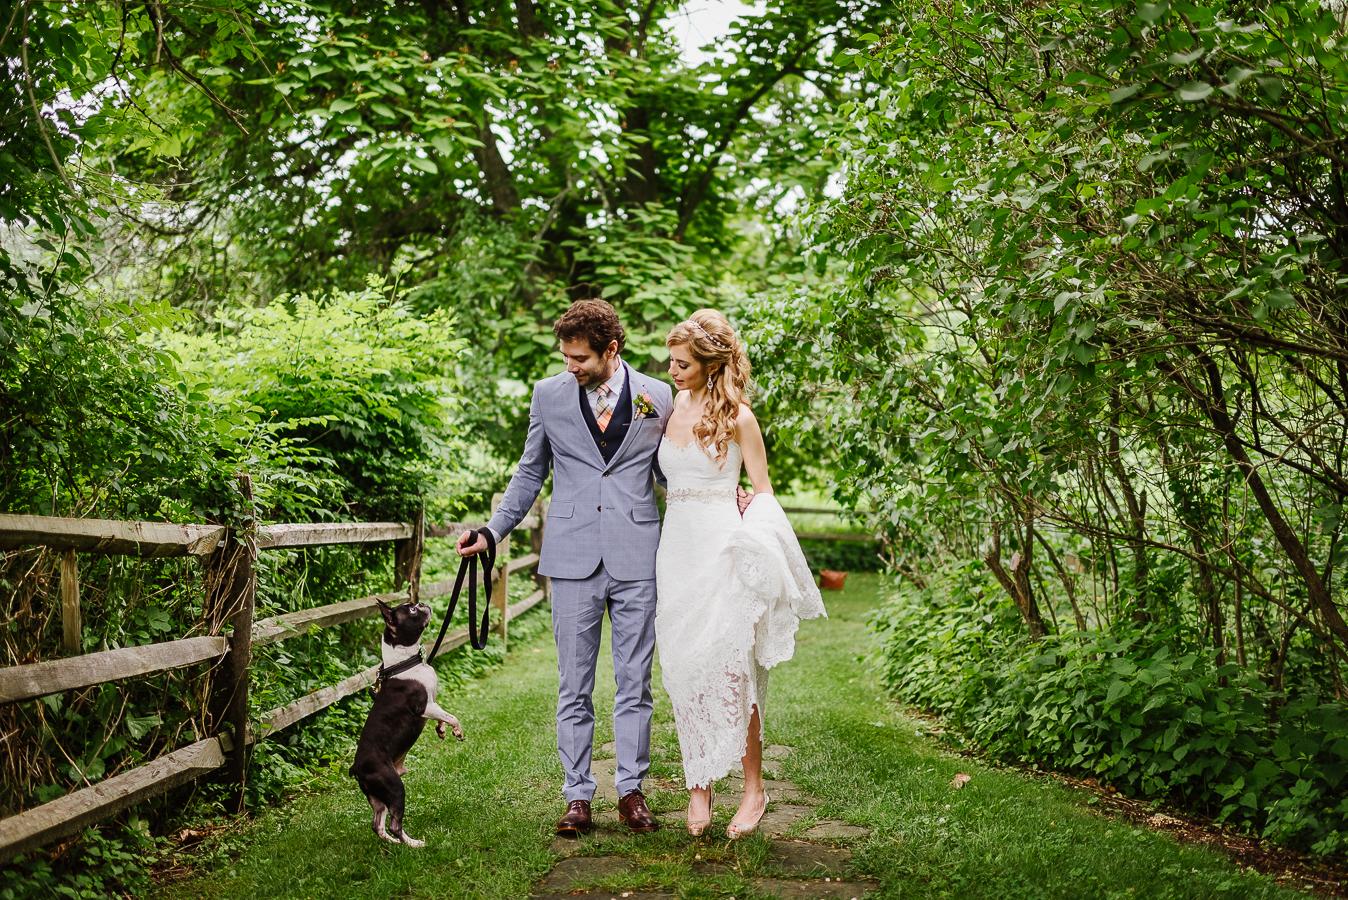 Stylish Crossed Keys Inn Wedding Crossed Keys Wedding Crossed Keys Inn Andover NJ Longbrook Photography-26.jpg